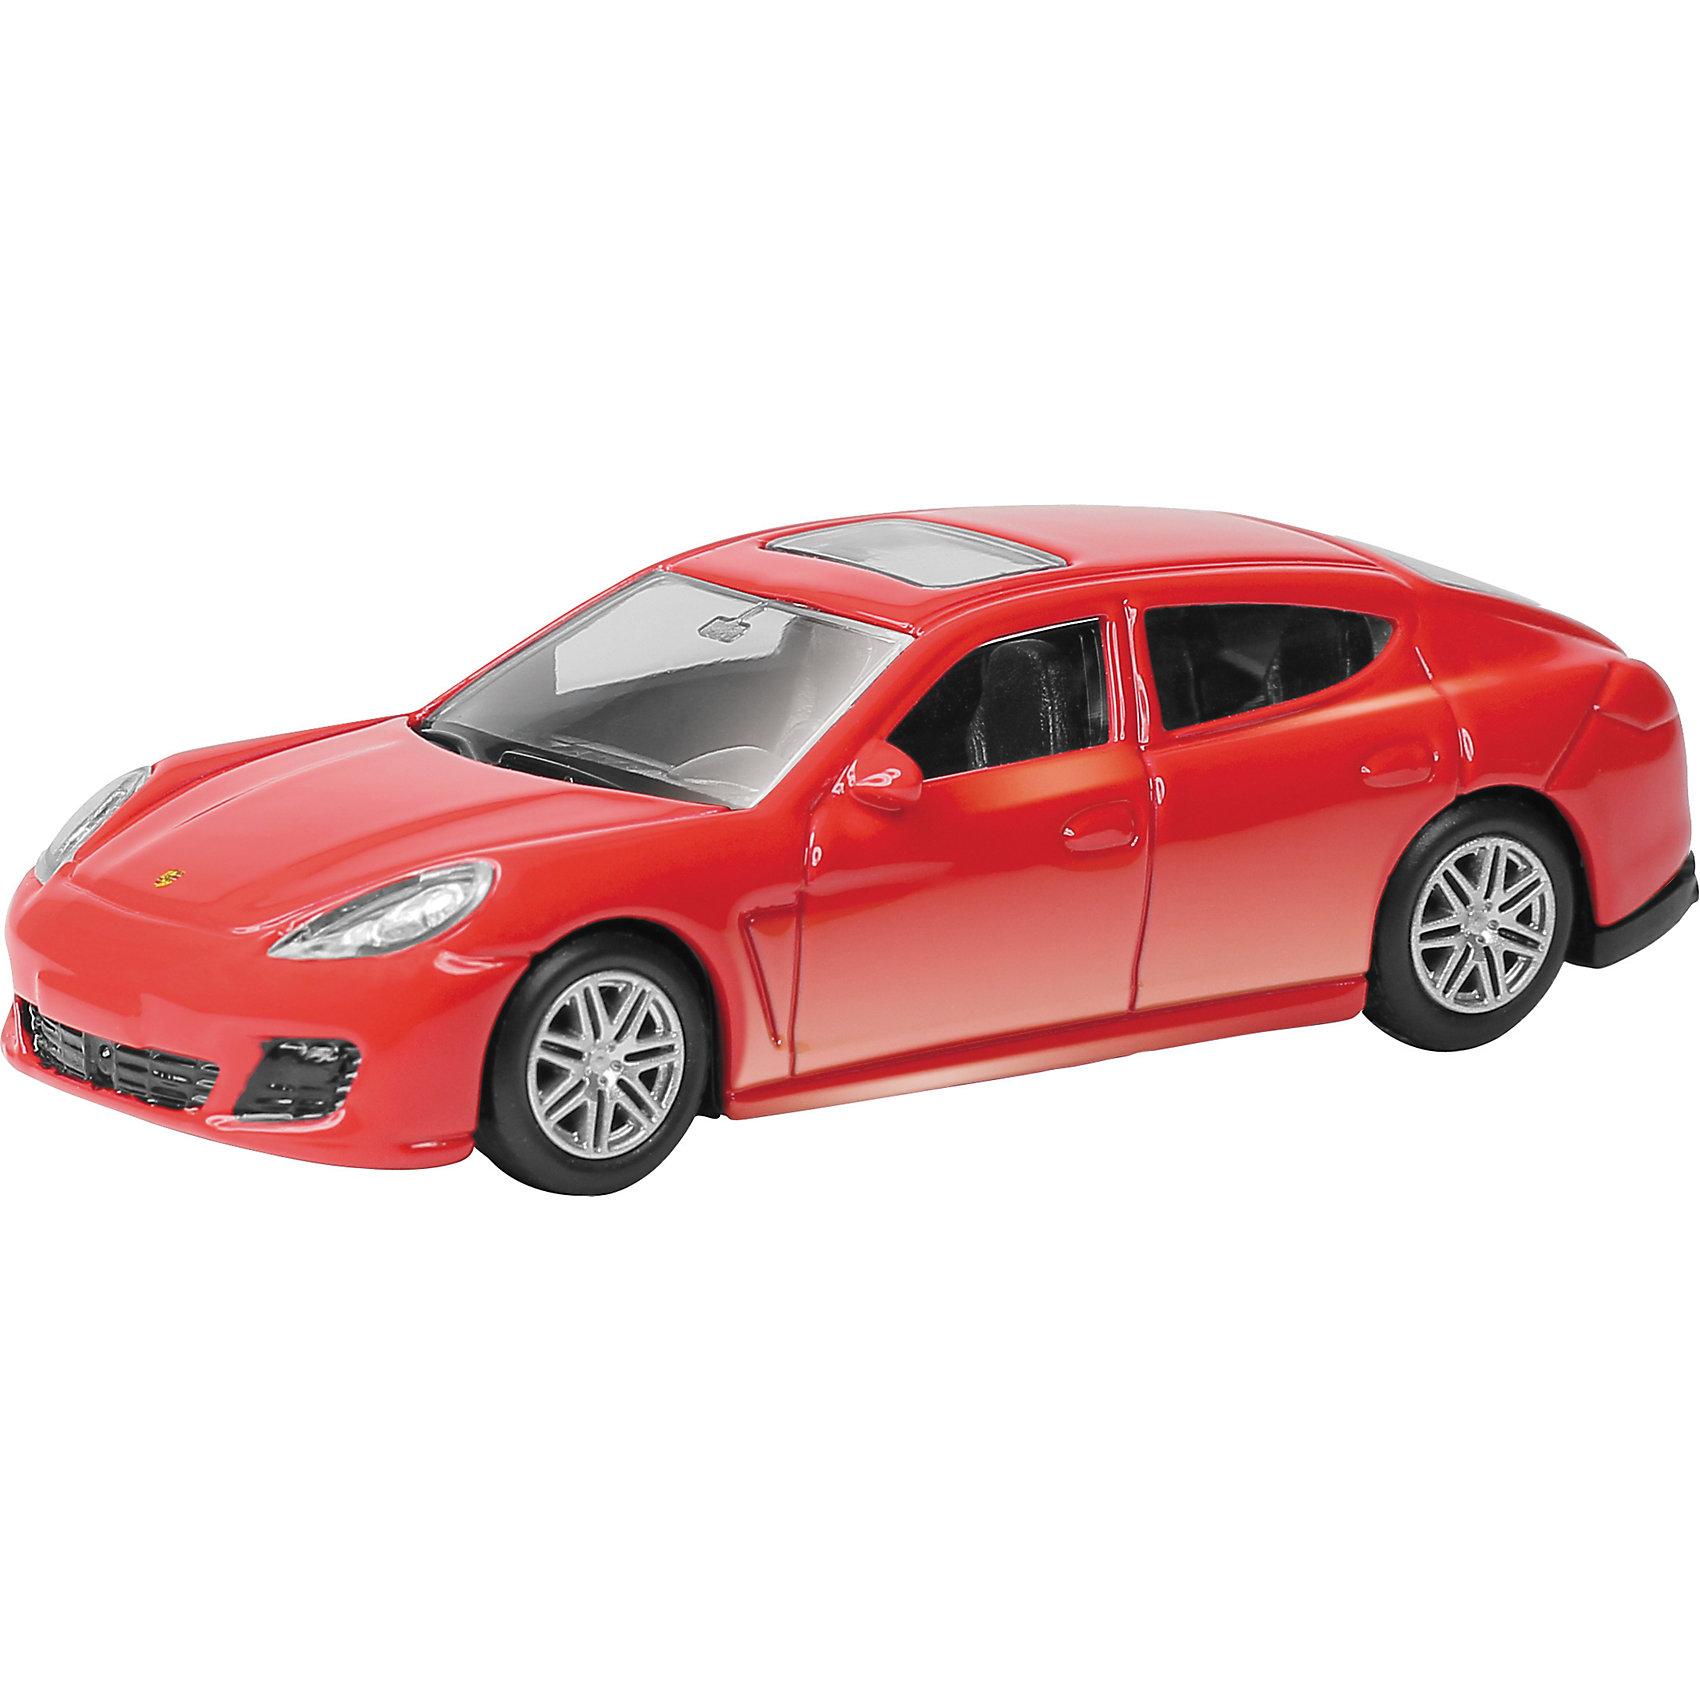 Машинка Porsche Panamera Turbo 3, AutotimeМашинки<br>Характеристики товара:<br><br>• цвет: красный<br>• возраст: от 3 лет<br>• материал: металл, пластик<br>• масштаб: 1:60<br>• колеса вращаются<br>• размер упаковки: 9х4х4 см<br>• вес с упаковкой: 100 г<br>• страна бренда: Россия, Китай<br>• страна изготовитель: Китай<br><br>Такая машинка представляет собой миниатюрную копию реально существующей модели. Она отличается высокой детализацией, является коллекционной моделью. <br><br>Машинка произведена из прочного и безопасного материала. Благодаря прозрачным стеклам виден подробно проработанный салон.<br><br>Машинку «Porsche Panamera Turbo 3», Autotime (Автотайм) можно купить в нашем интернет-магазине.<br><br>Ширина мм: 90<br>Глубина мм: 42<br>Высота мм: 40<br>Вес г: 13<br>Возраст от месяцев: 36<br>Возраст до месяцев: 2147483647<br>Пол: Мужской<br>Возраст: Детский<br>SKU: 5584086